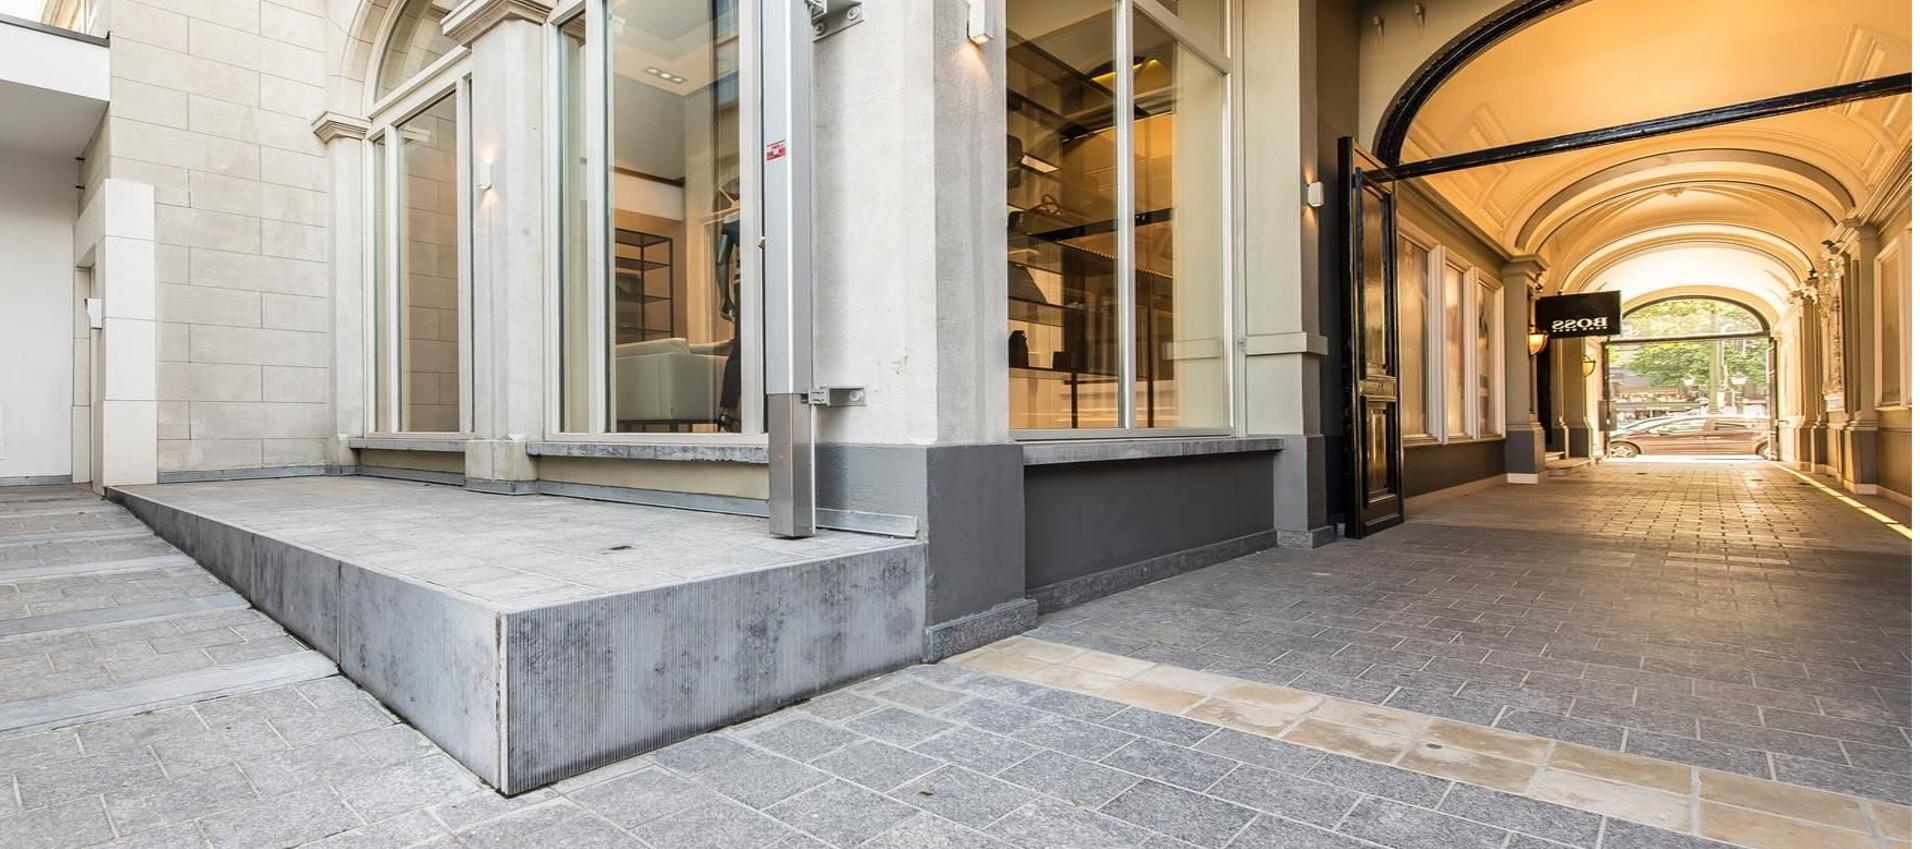 Société Générale De Rénovation Batiment Bruxelles projet 4 - entreprise générale de rénovation bruxelles